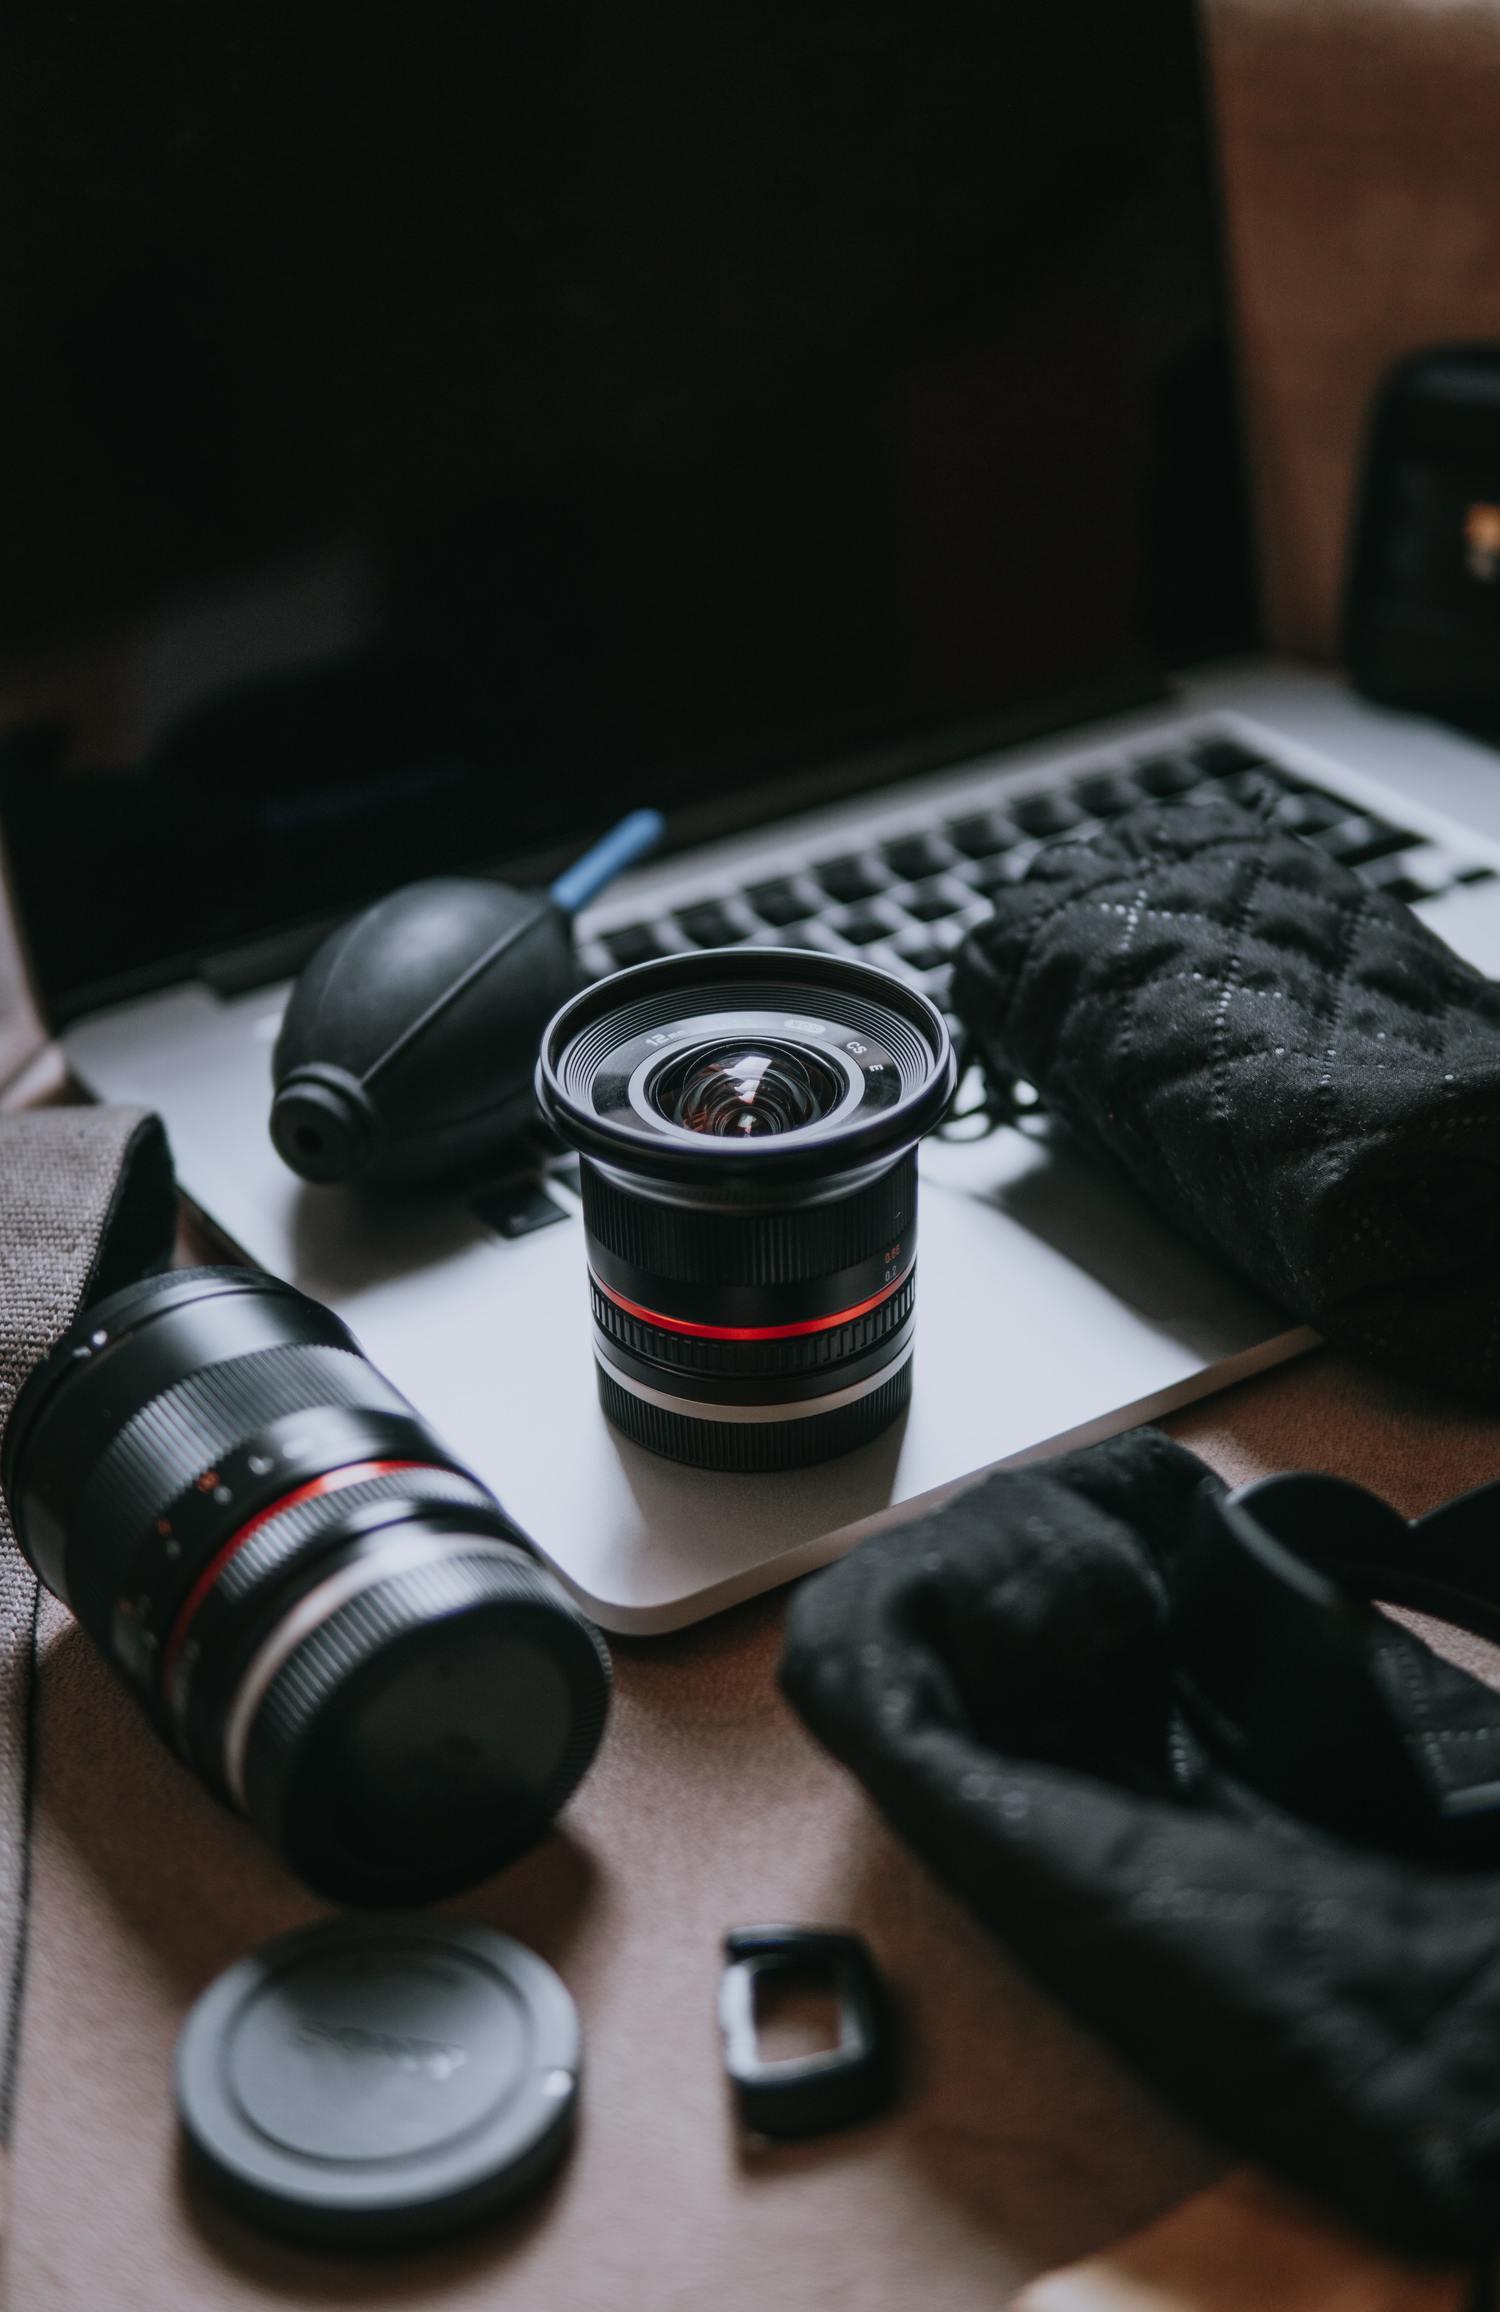 Objetivos de fotografía y accesorios de limpieza